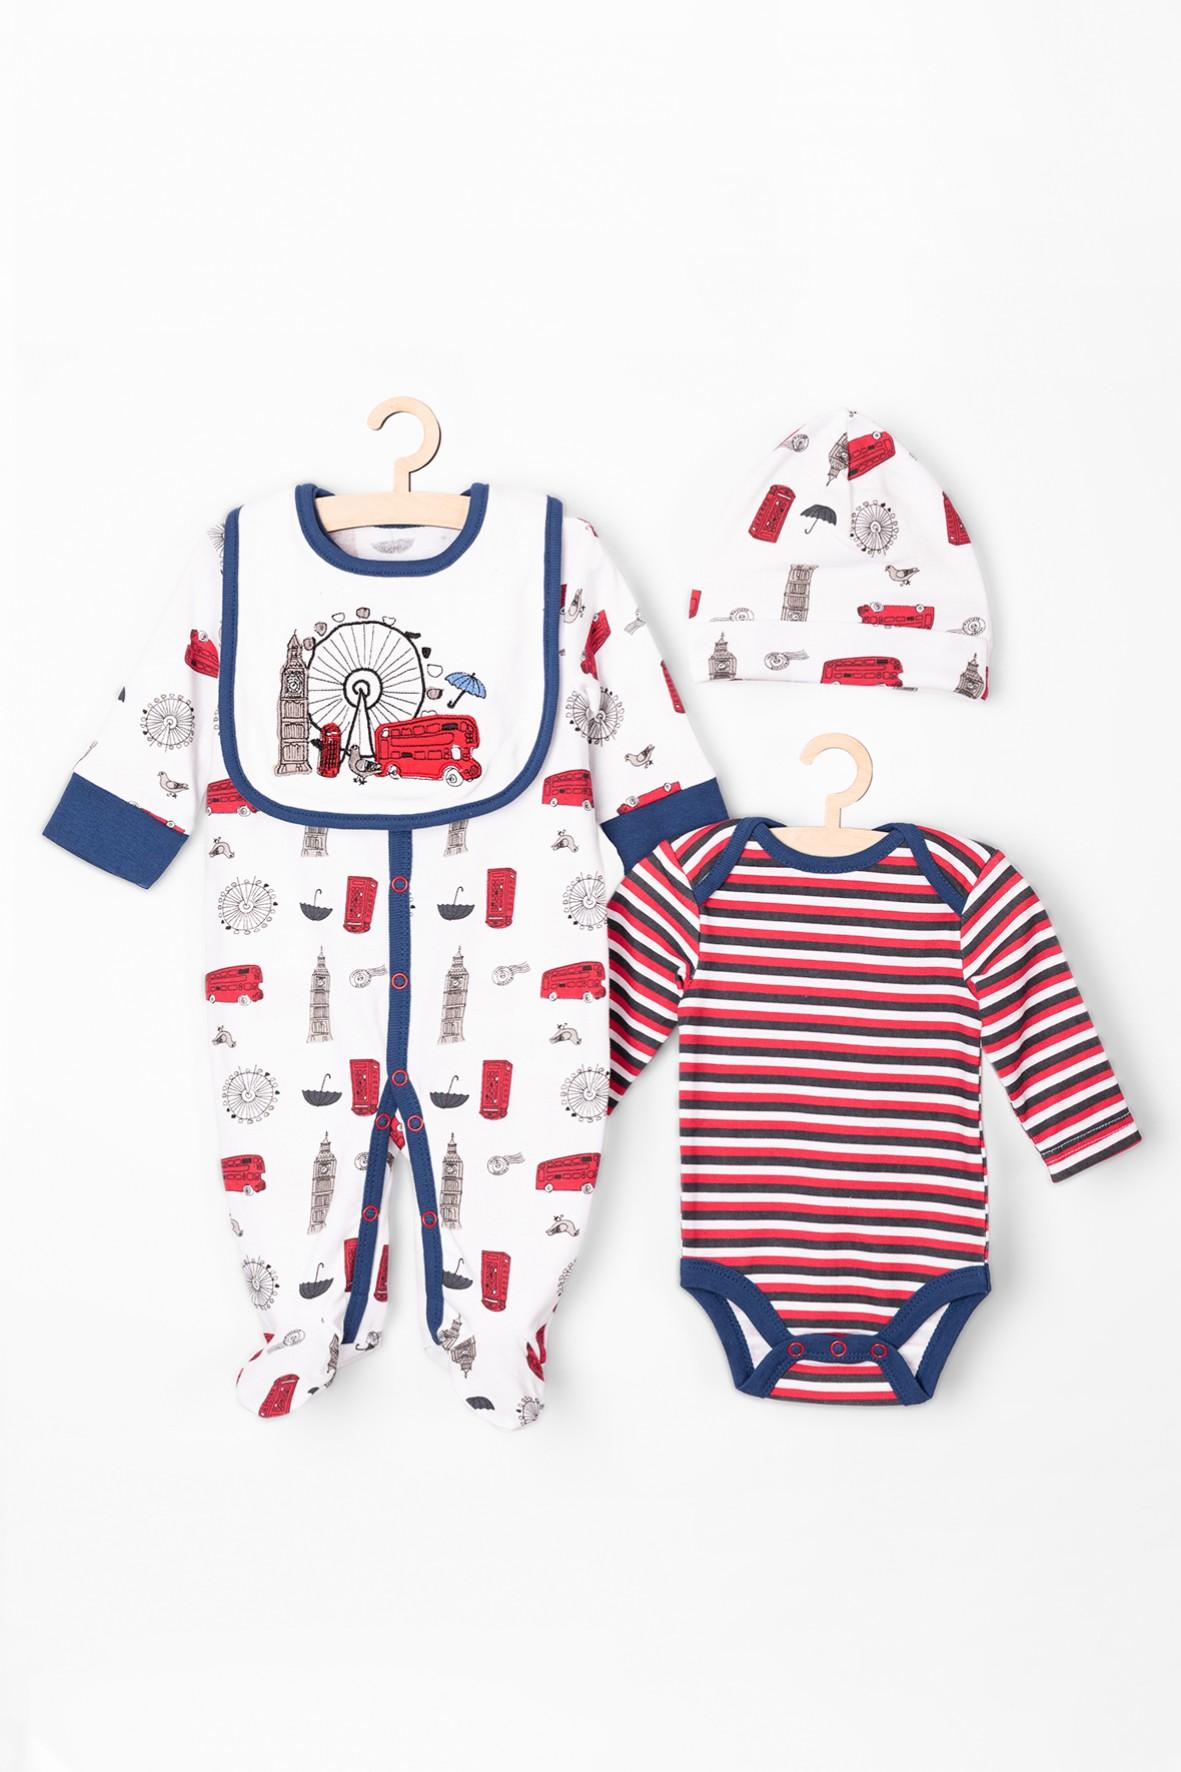 Zestaw niemowlęcy- pajac-body-czapka-śliniak